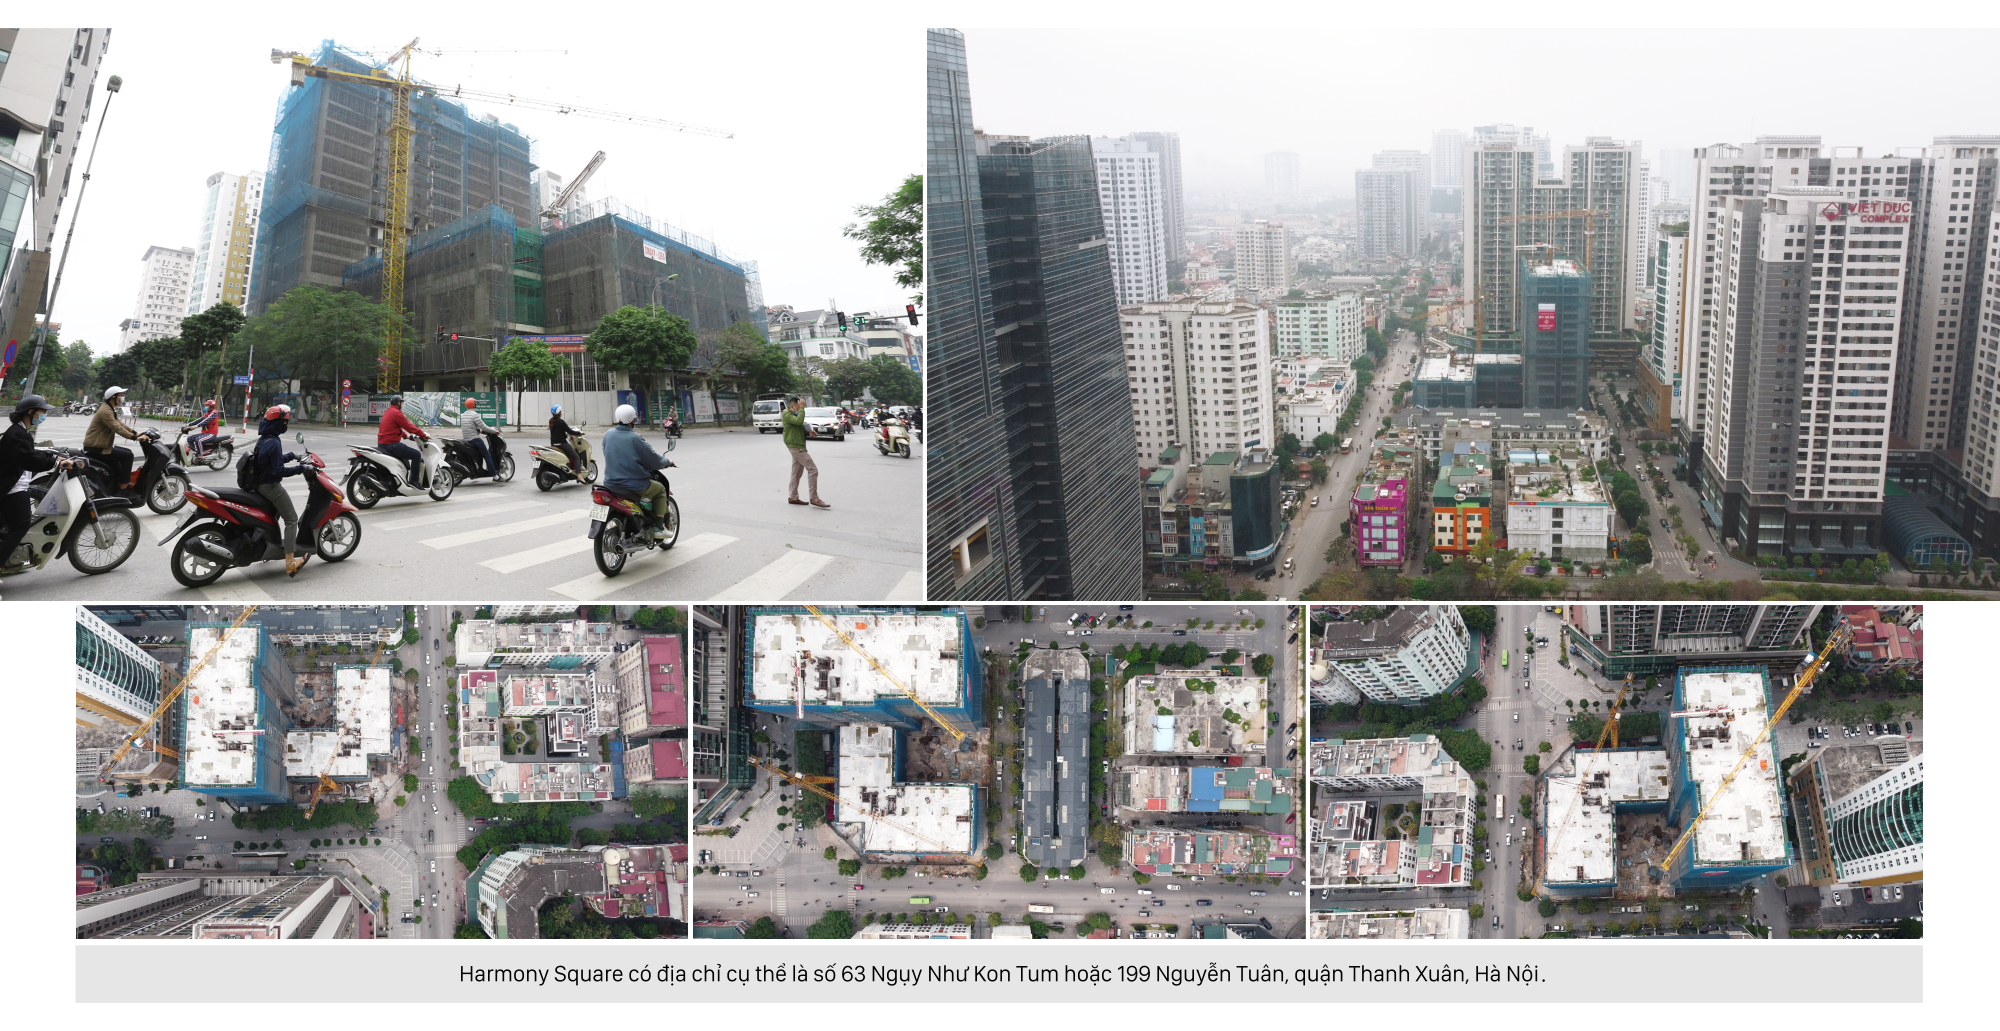 Review dự án Harmony Square đang mở bán: Có ưu điểm gì giữa khu vực dày đặc nhà cao tầng? - Ảnh 1.